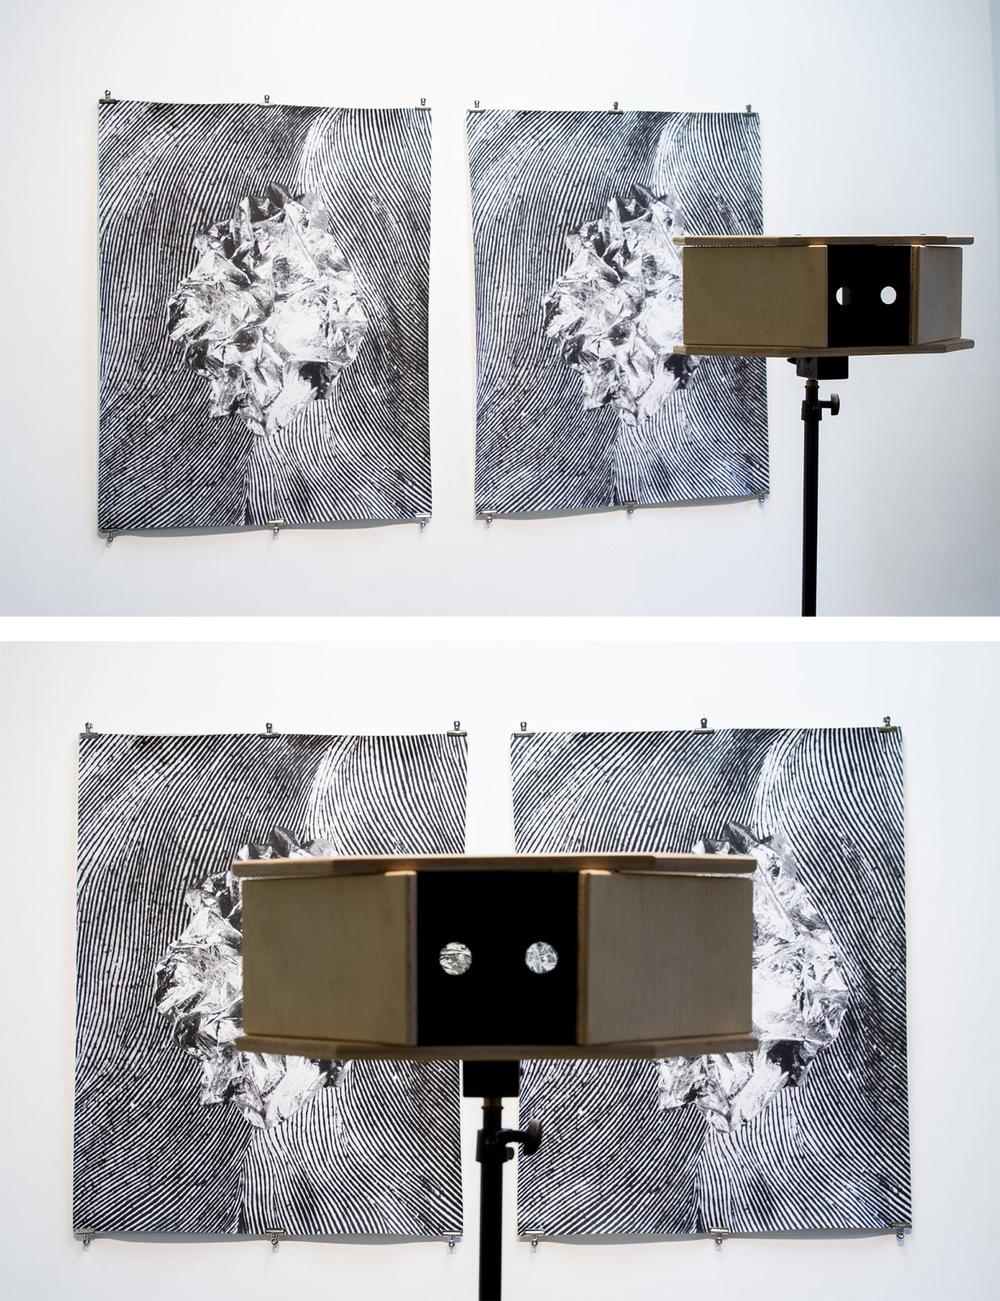 Pedro Wainer - Pensamiento #1 (2017) 125 x 235 cm. Fotografía estereoscópica. Exposición directa sobre gelatina de plata y visor con espejos sobre trípode, copia única